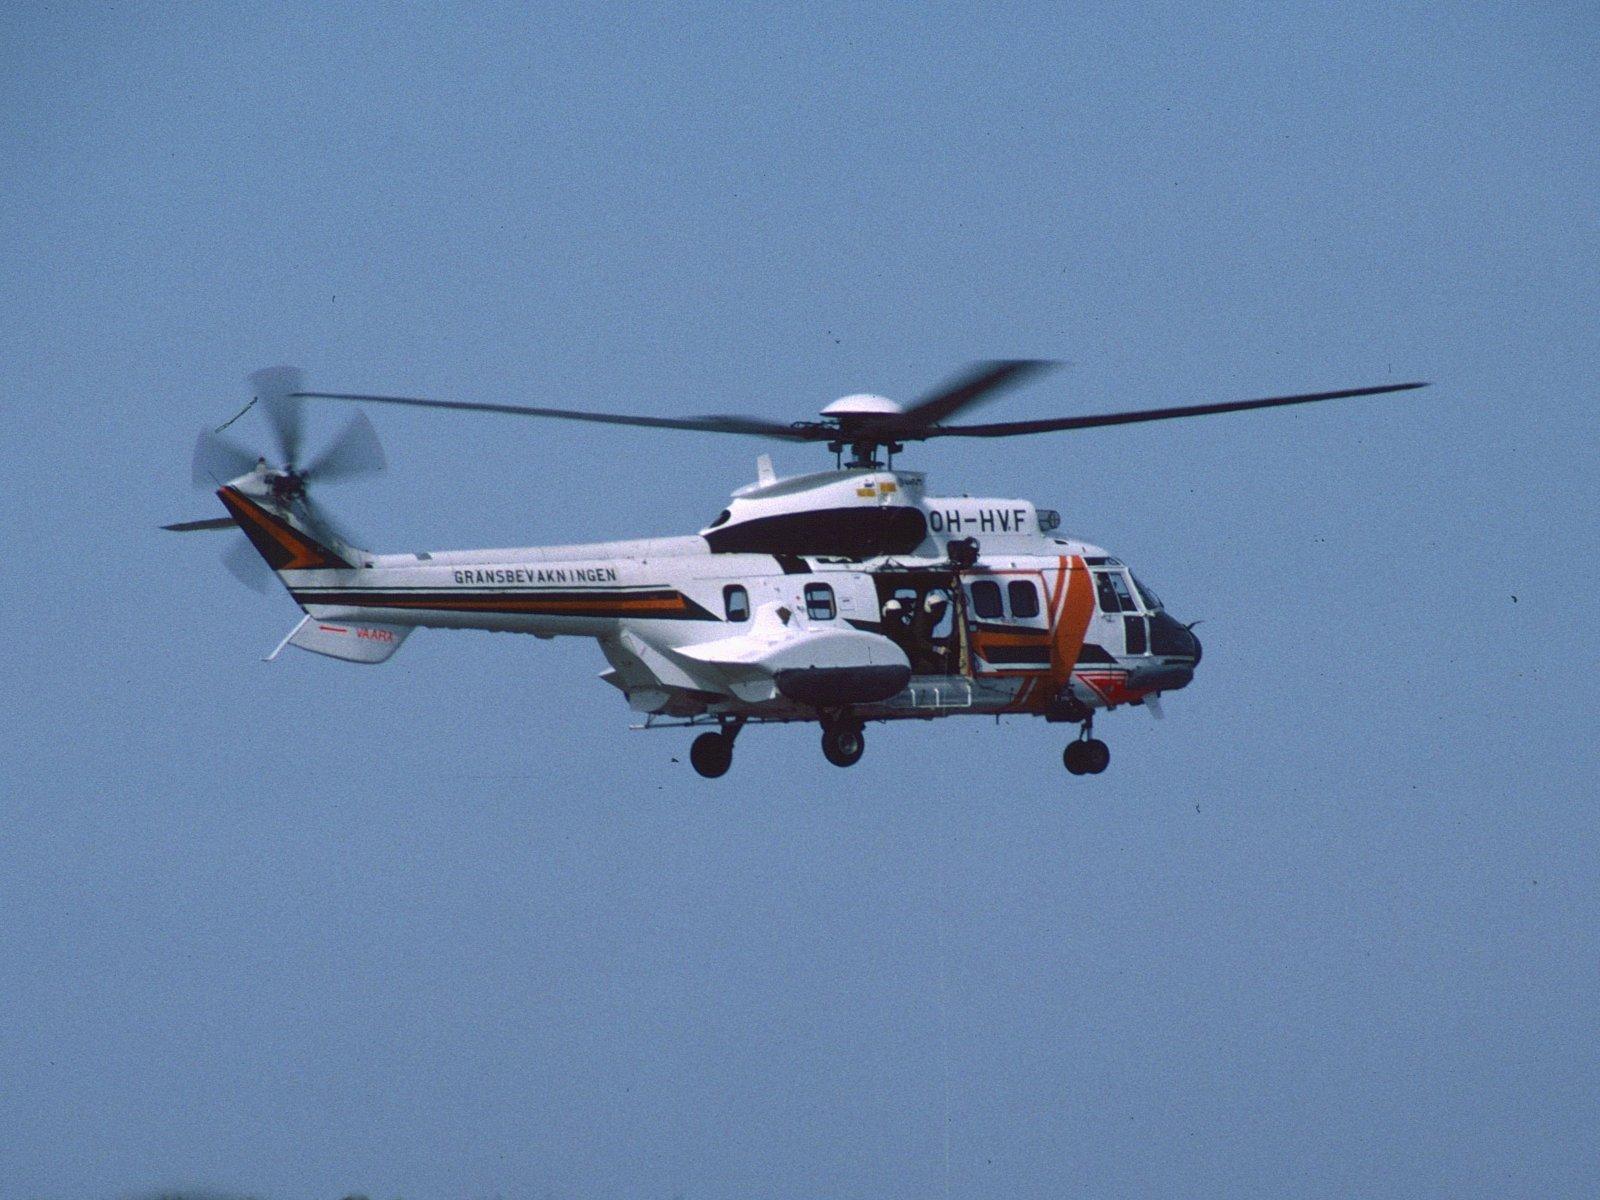 Aerospatiale A.S.332L1 Super Puma OH-HVF EFHF 1988-05-14